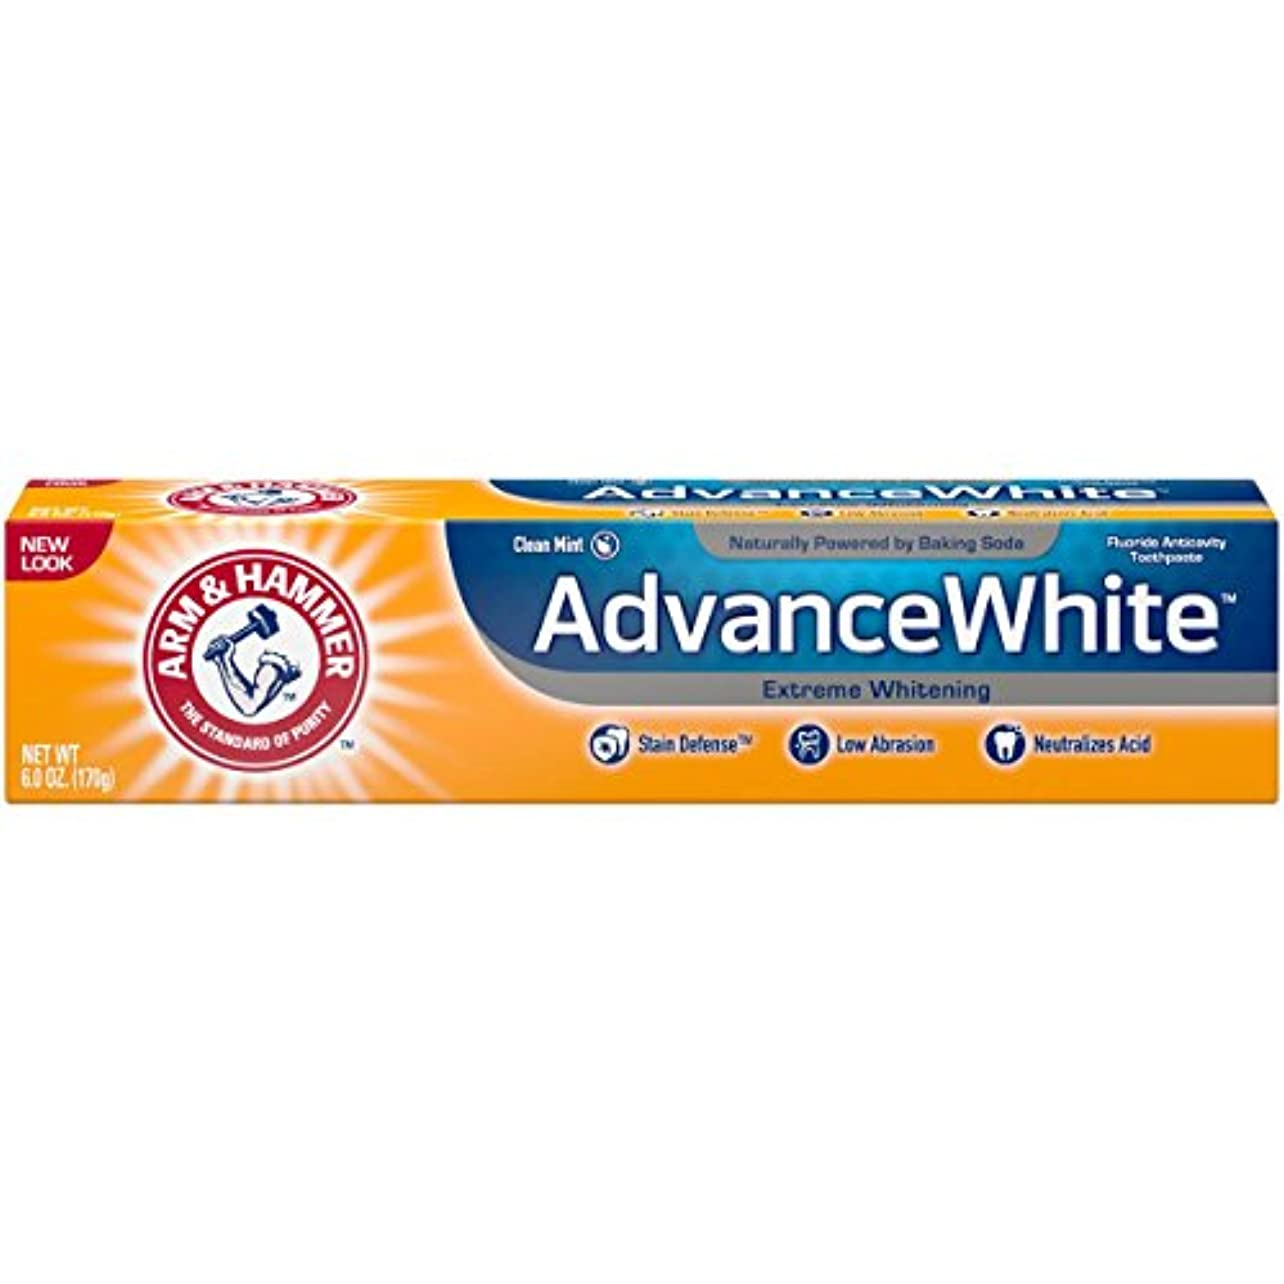 また明日ねリンク抹消Arm & Hammer アドバンスホワイトエクストリームホワイトニングで染色防衛の歯磨き粉、6オズ(3パック) 3パック